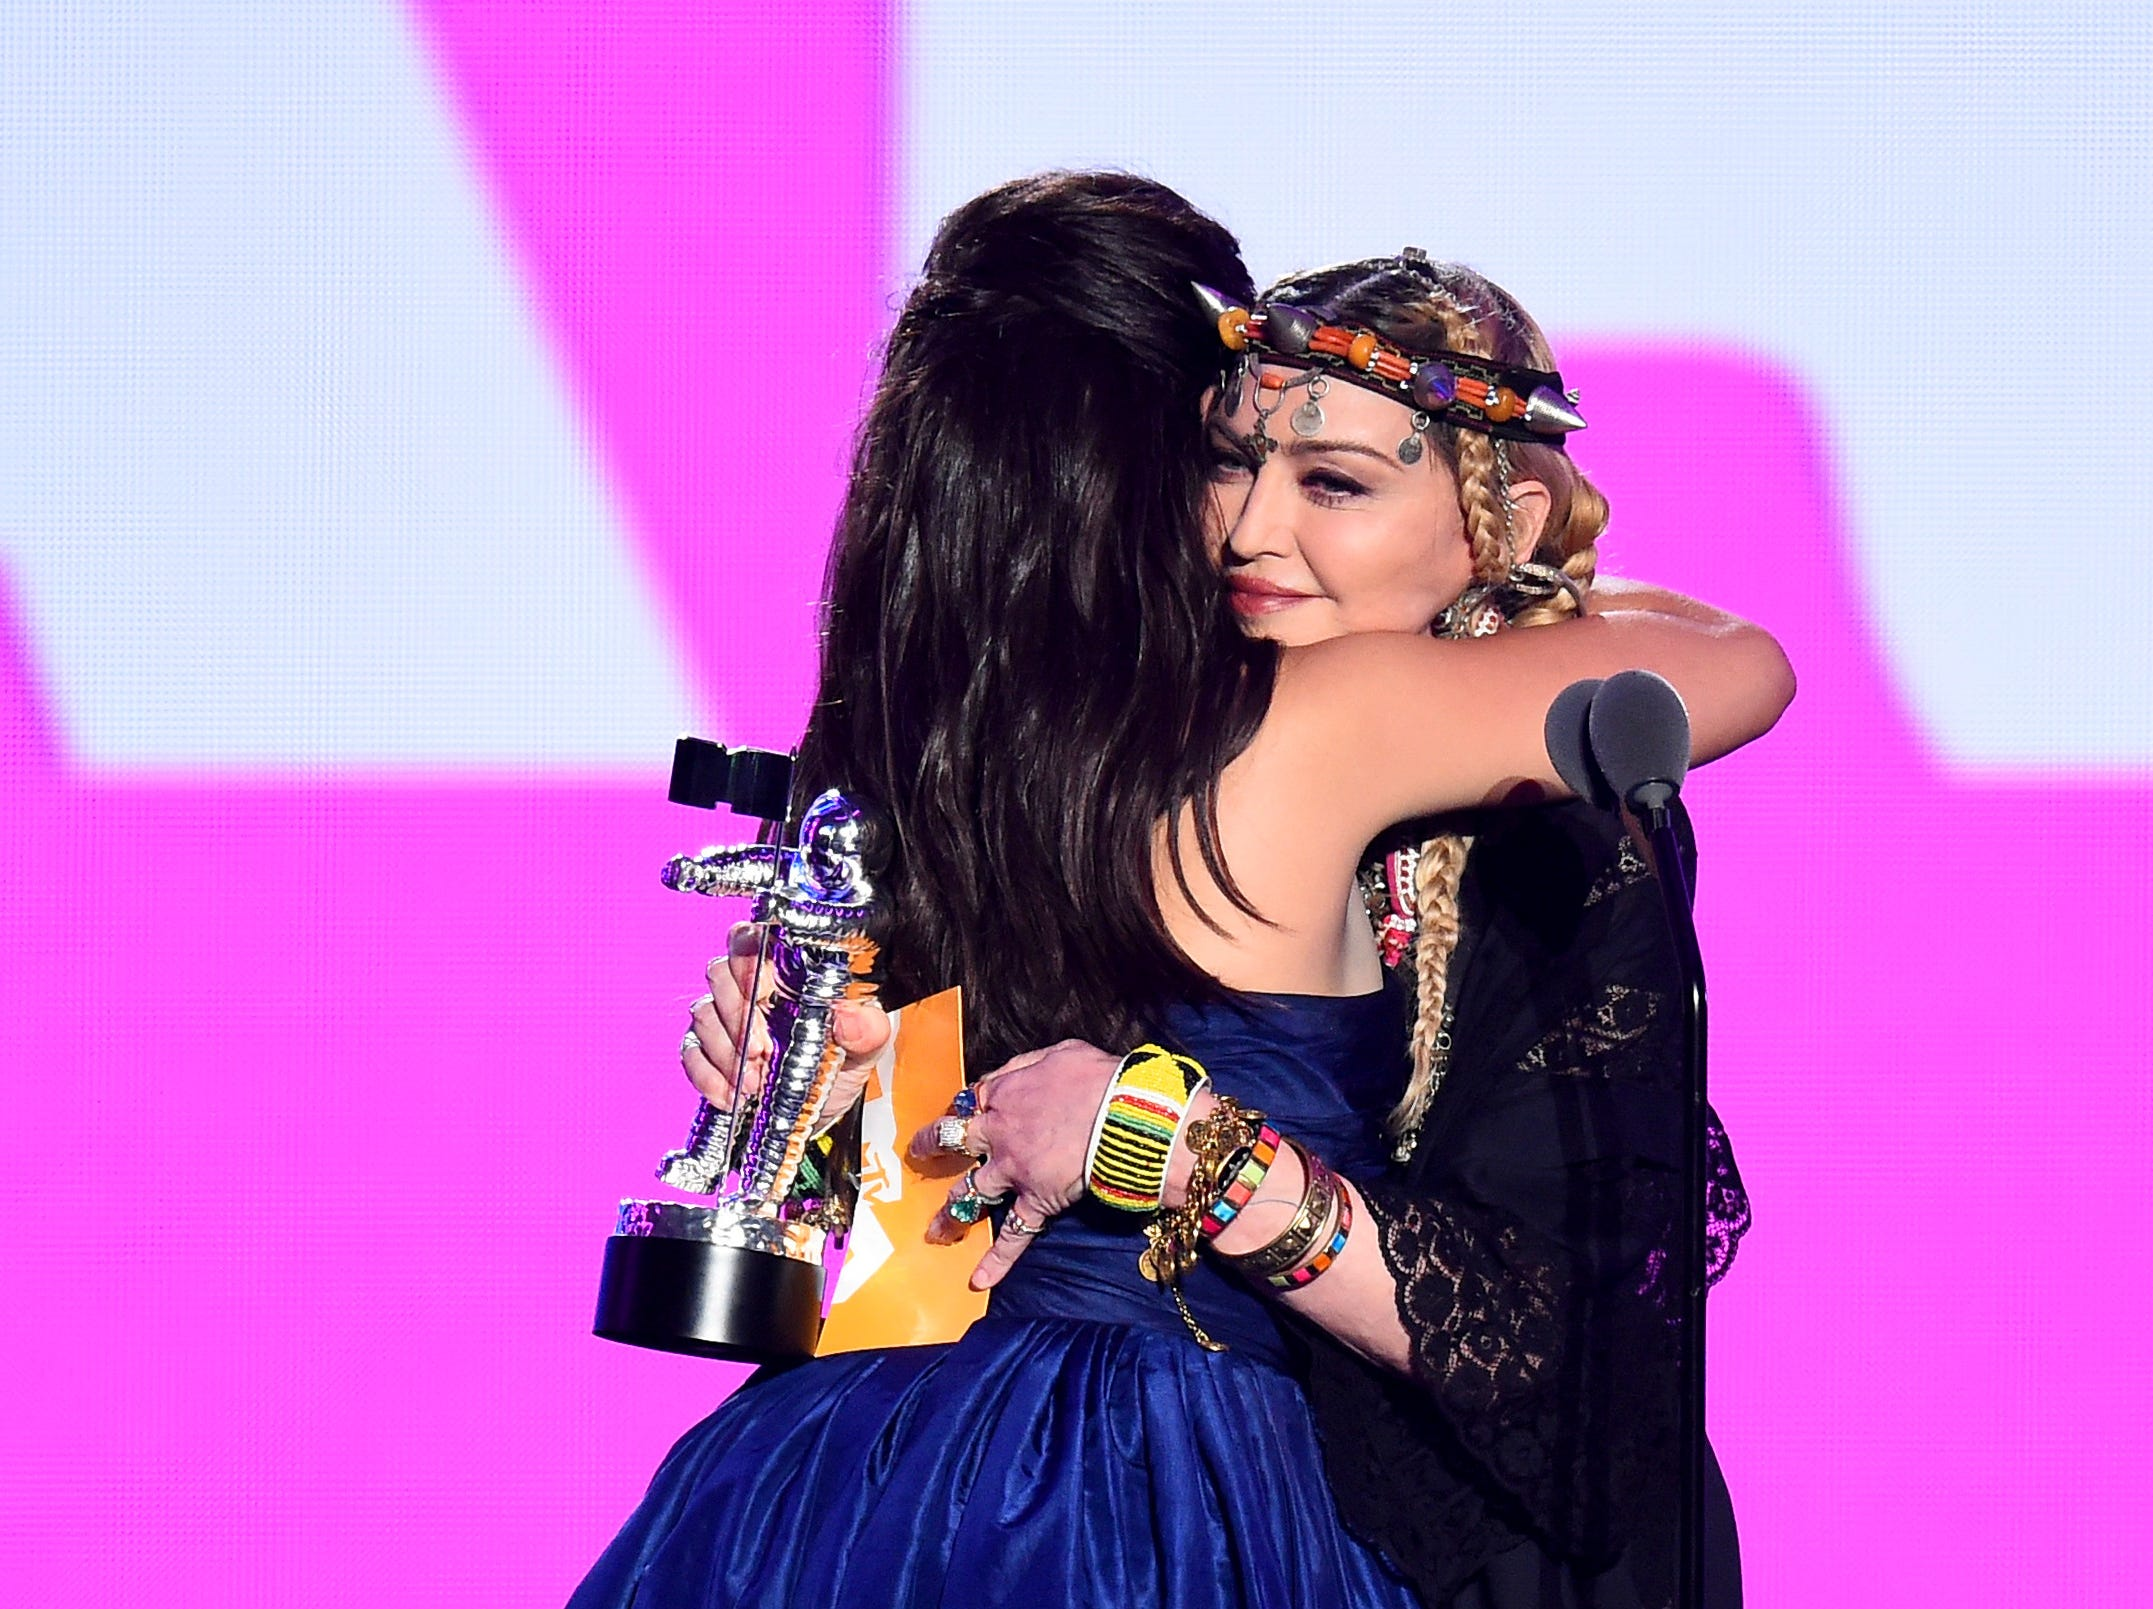 Madonna entrega un premio a Camila Cabello en el escenario durante los MTV Video Music Awards 2018 en el Radio City Music Hall el 20 de agosto de 2018 en la ciudad de Nueva York.